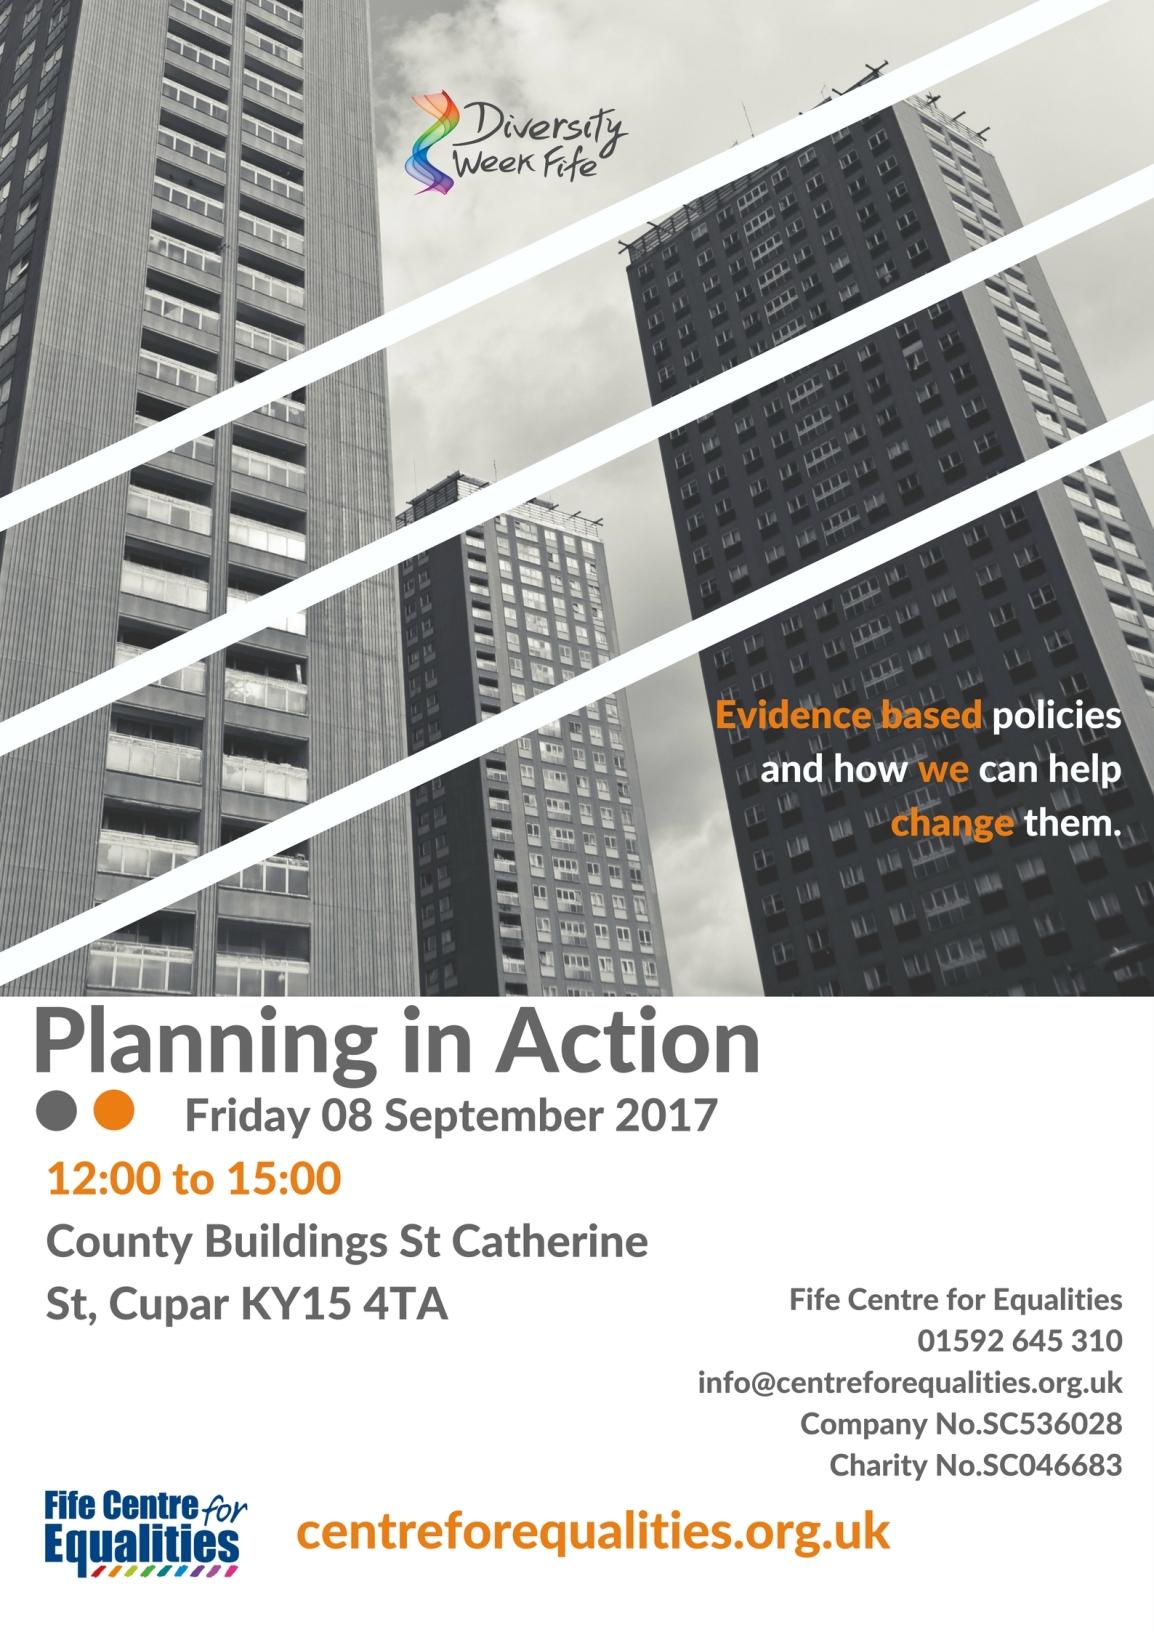 Diversity Week 2017: Participation in PlanningReport